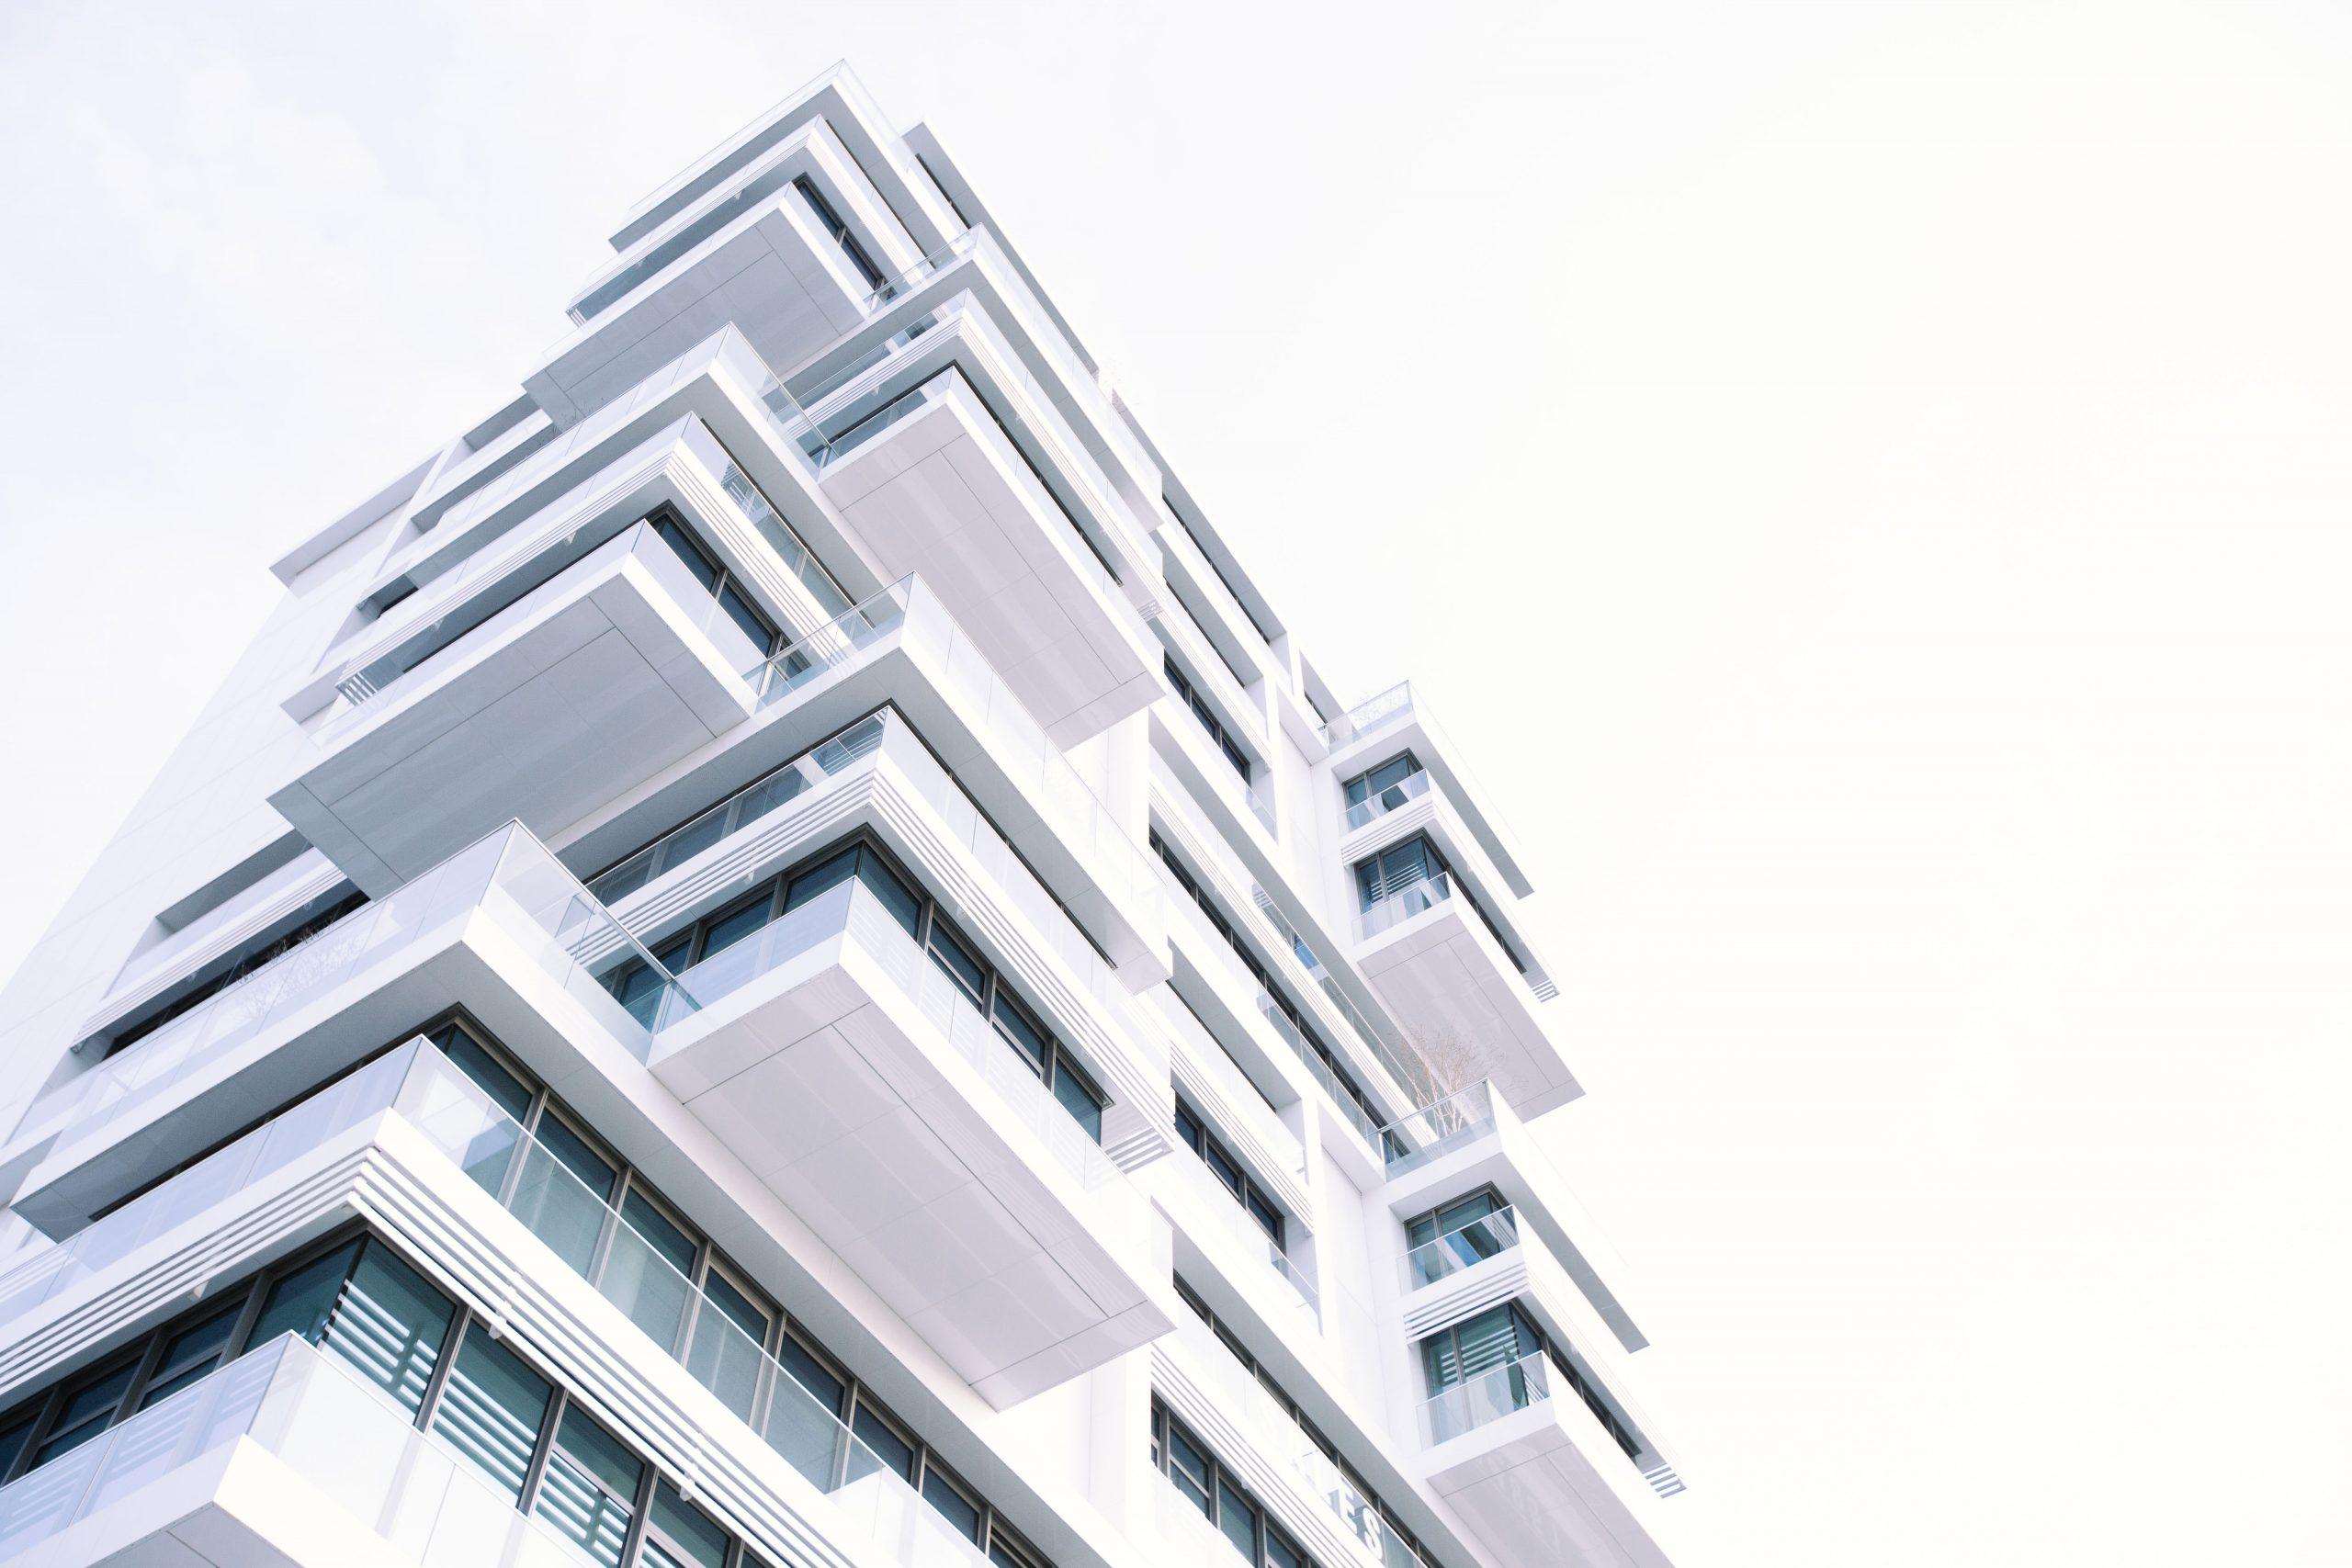 Khi nào hợp đồng góp vốn mua căn hộ hình thành trong tương lai được xác định là có bản chất của hợp đồng đặt cọc?